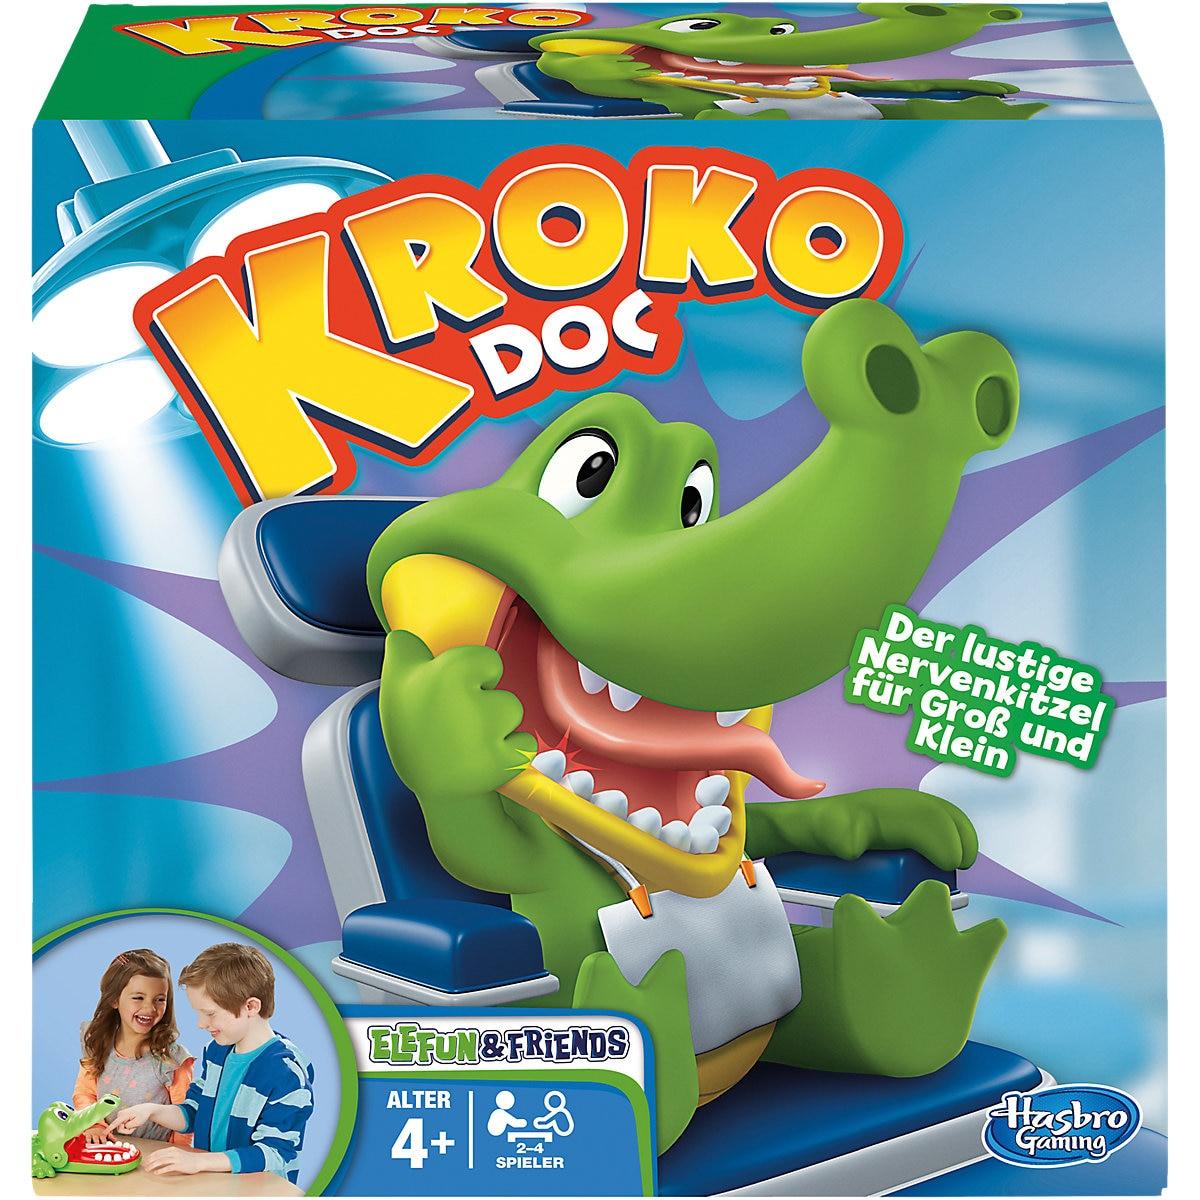 Jeux de fête HASBRO GAMING 3824997 jeu de société motricité Fine Dobble Rummikub jouets éducatifs